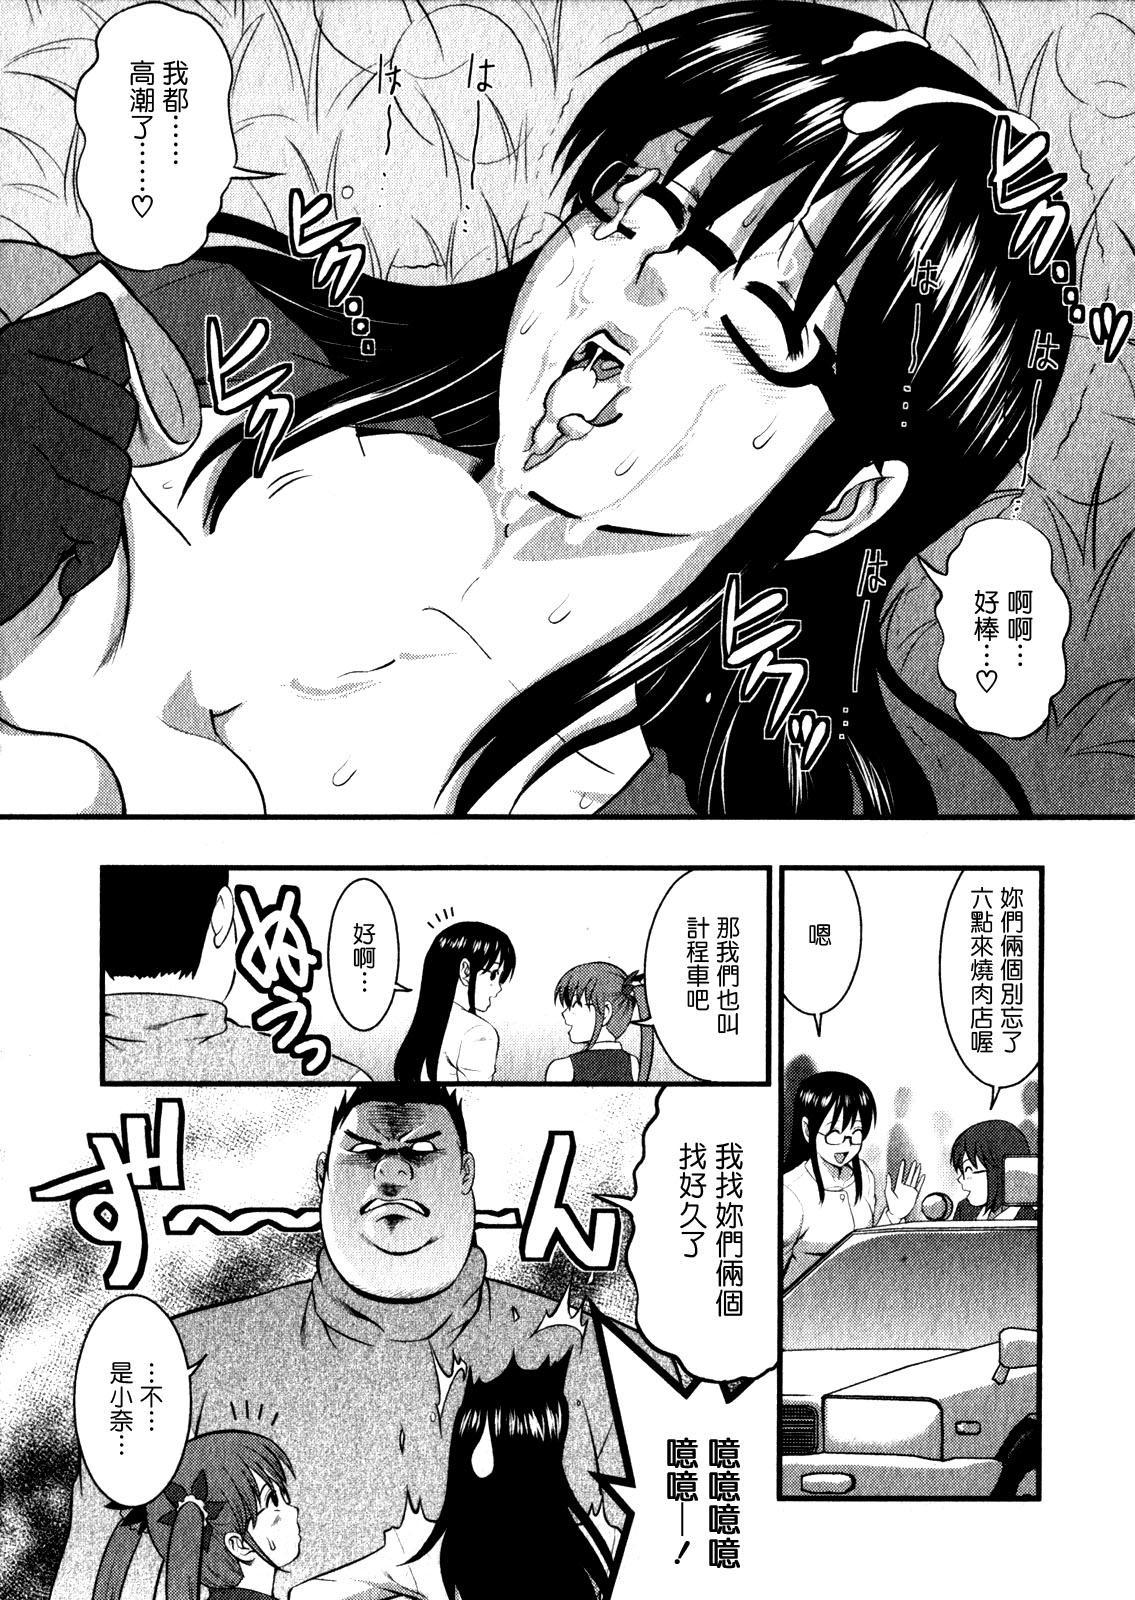 Otaku no Megami-san 1 124